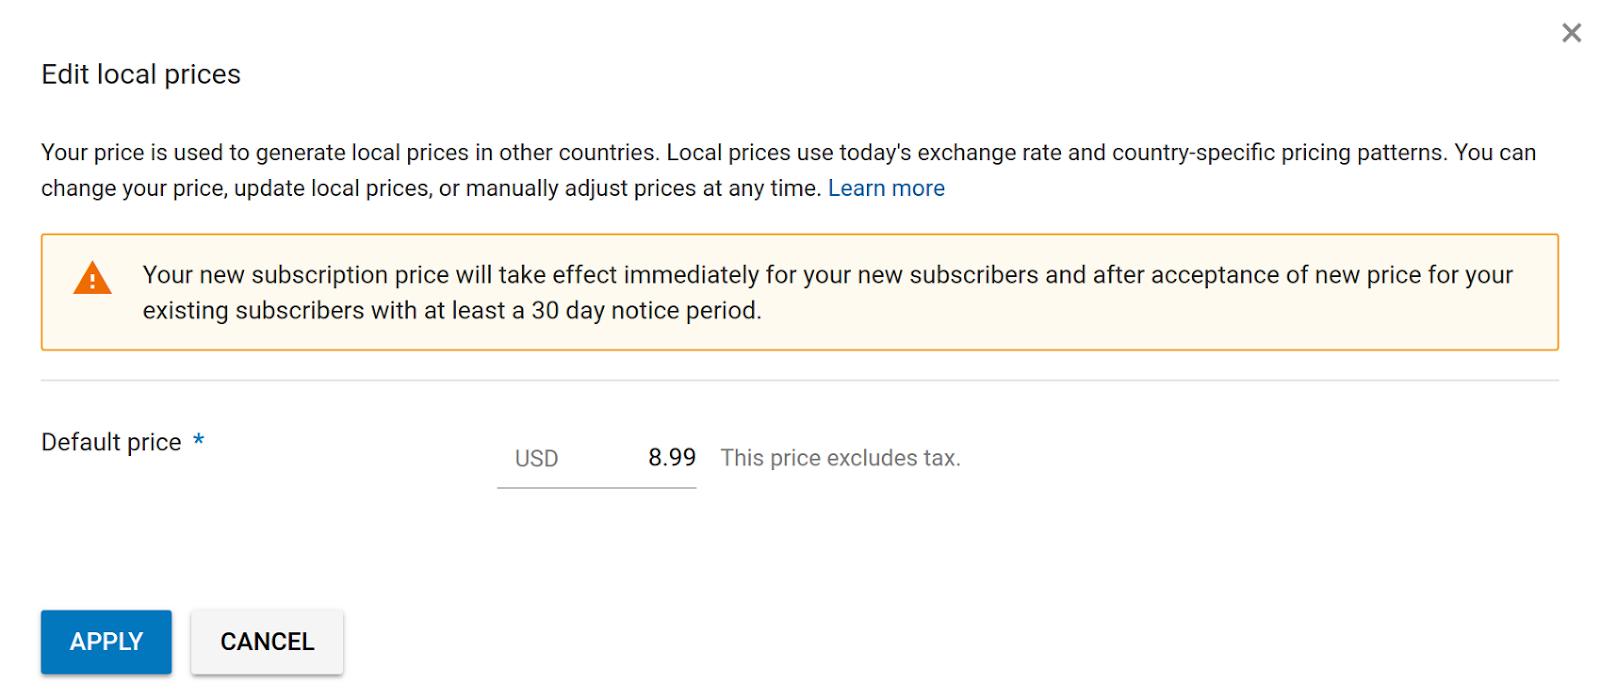 定期購入価格を編集すると警告が表示されます